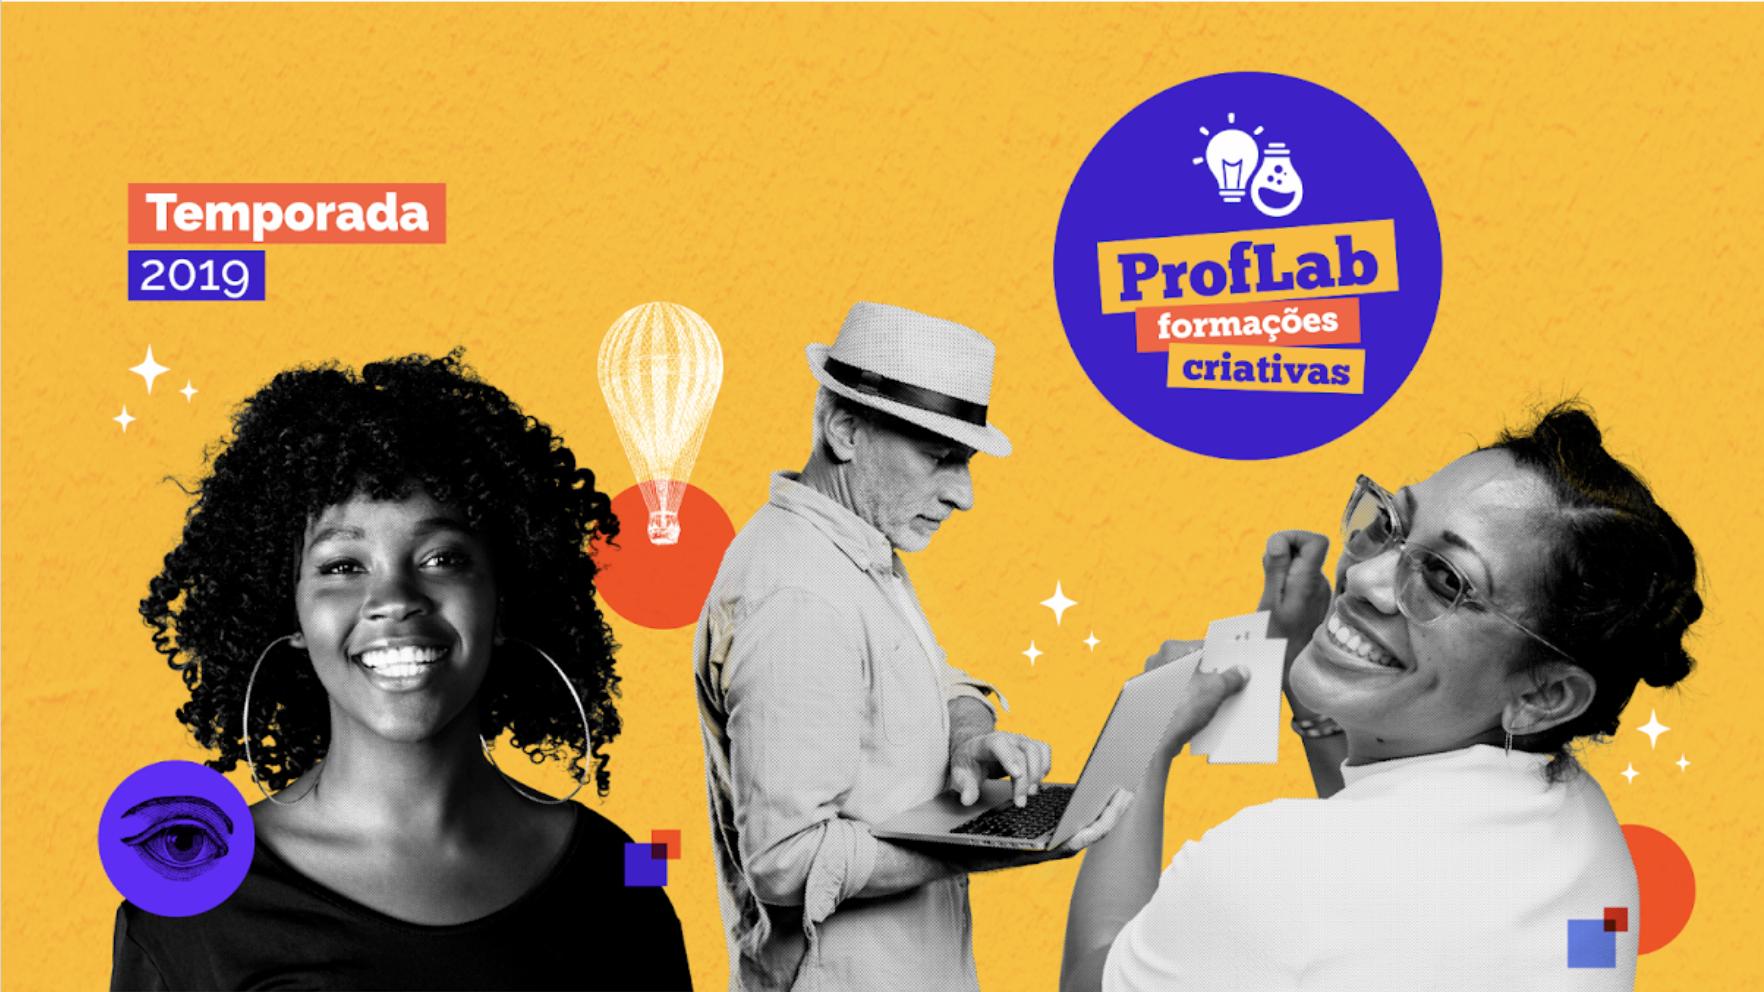 Temporada 2019 do programa ProfLab: formações criativas